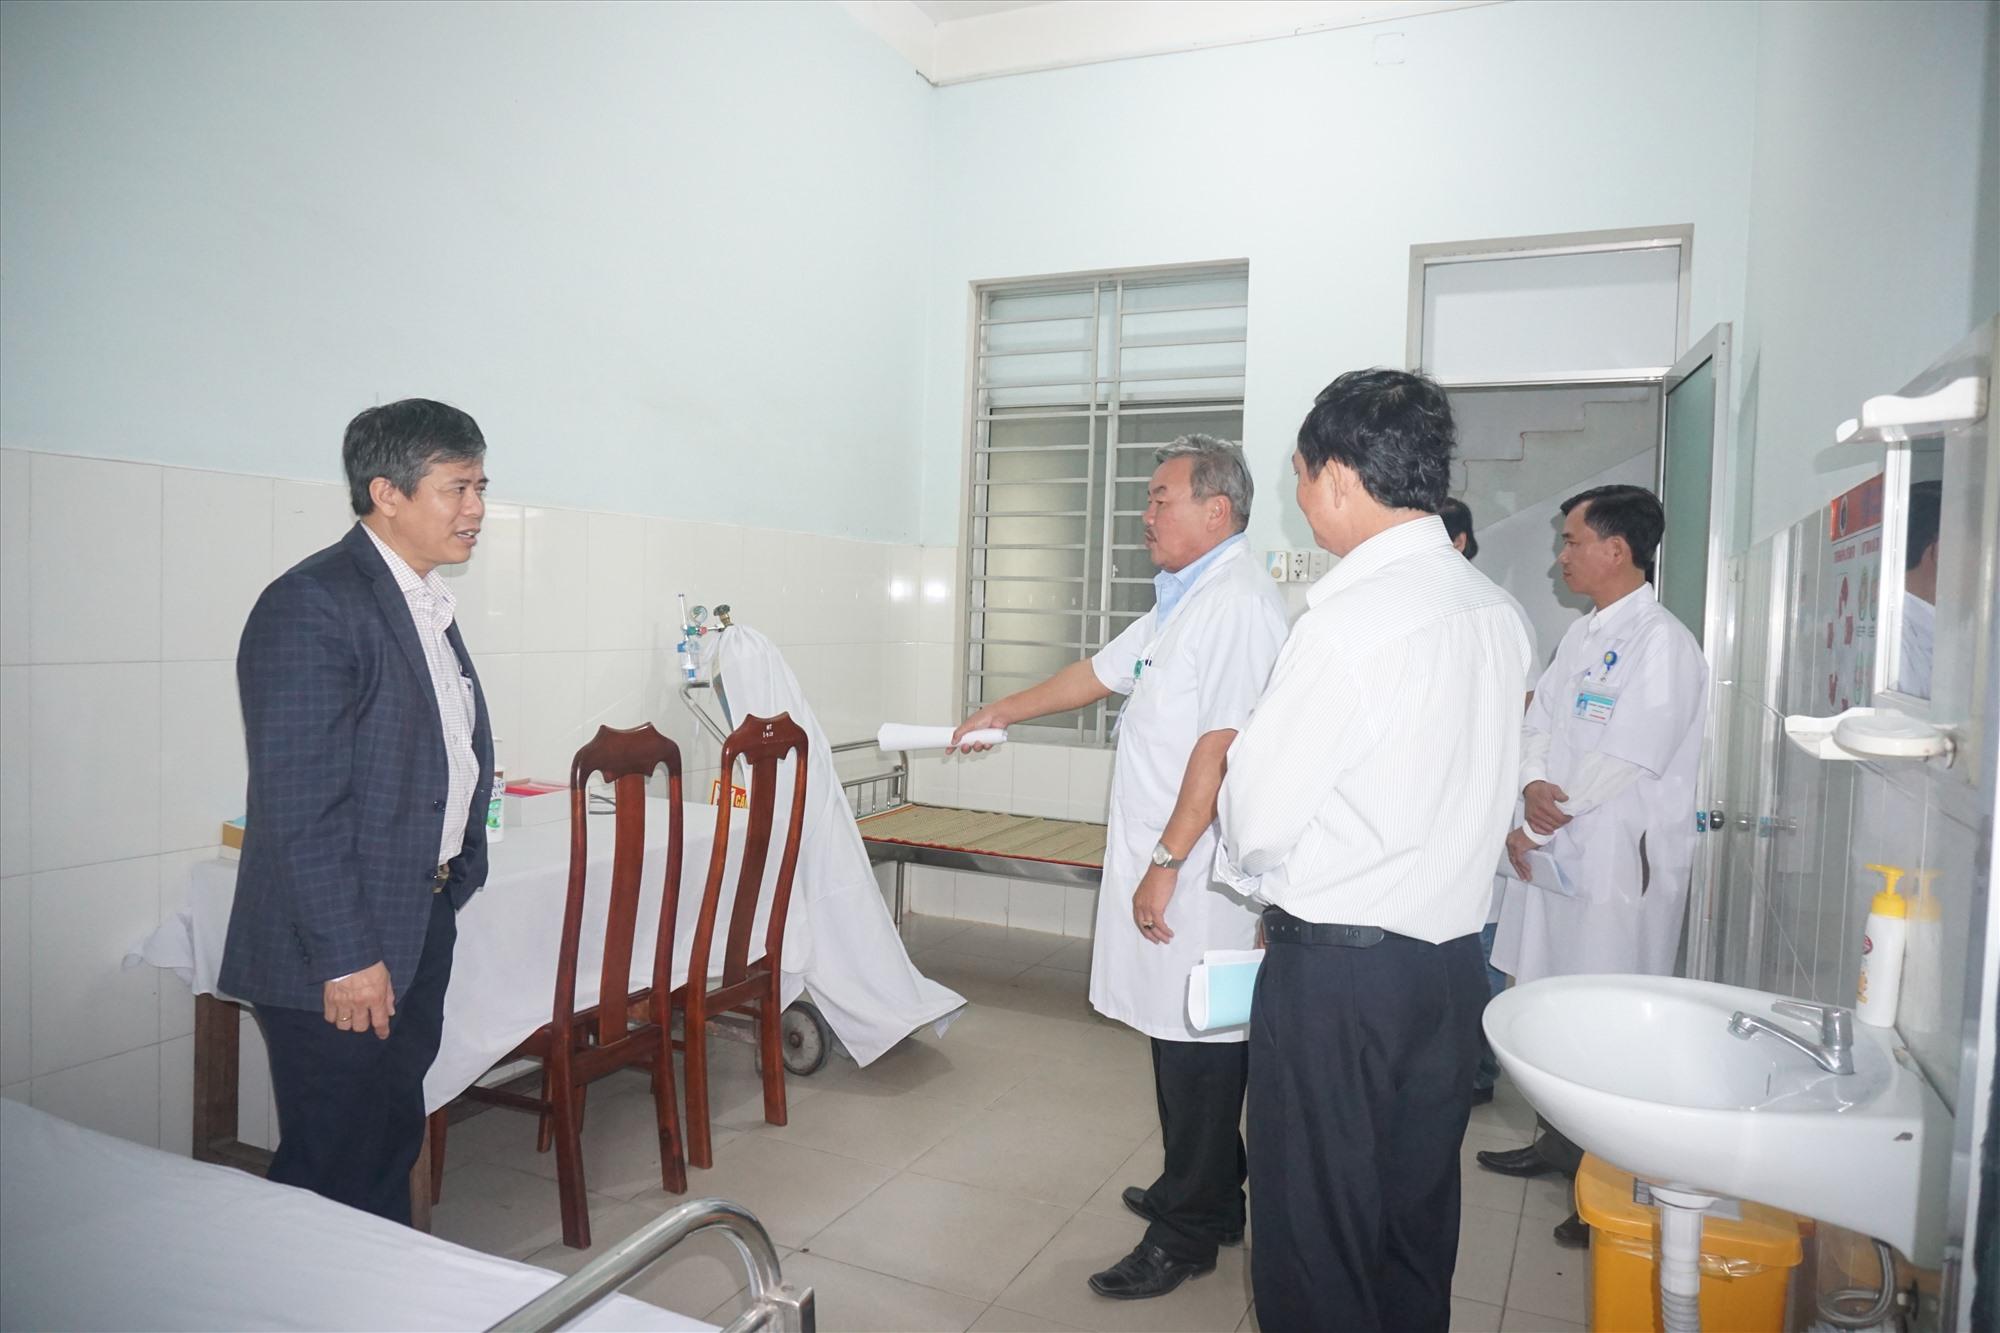 UBND huyện Thăng Bình kiểm tra công tác phòng chống dịch Covid-19 tại Trung tâm y tế huyện.